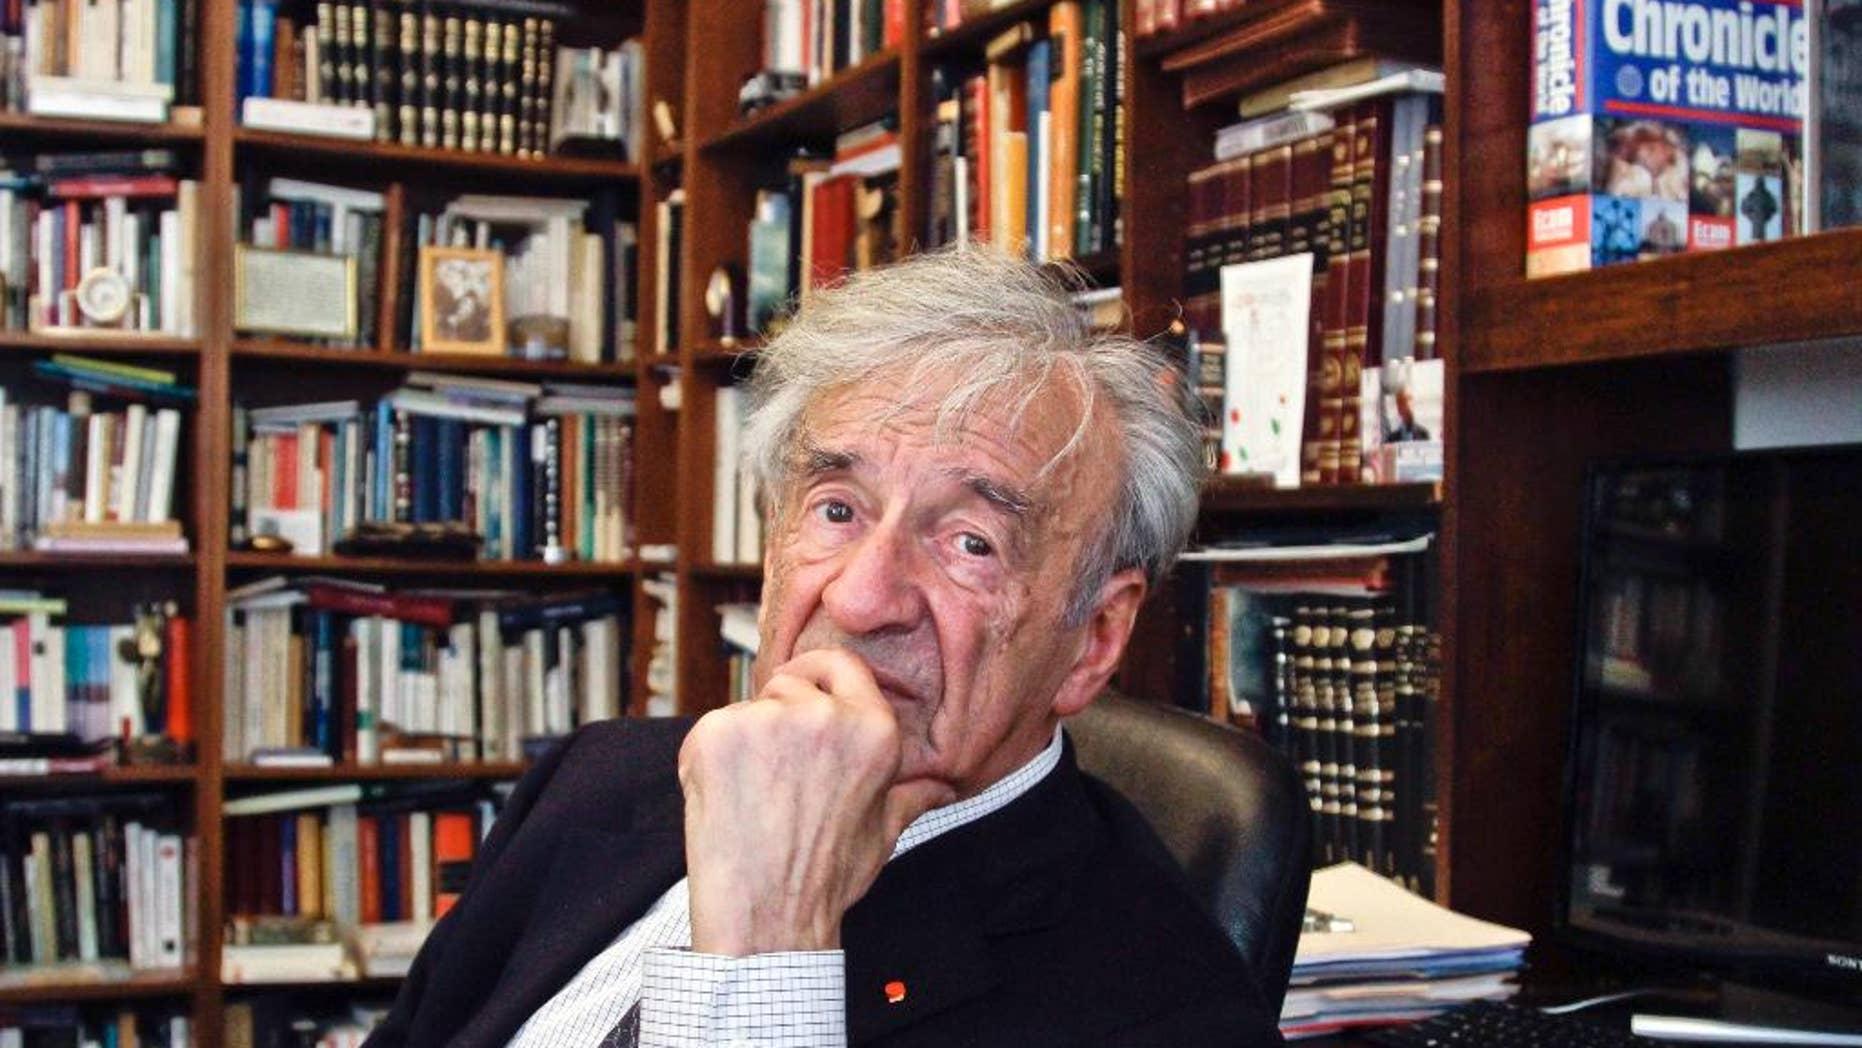 ARCHIVO  - En esta foto del 12 de septiembre del 2012, Elie Wiesel es visto en su oficina en Nueva York. Wiesel, ganadore del Nobel de Paz y sobreviviente del Holocausto, ha fallecido. Tenía 87 años.(AP Foto/Bebeto Matthews)